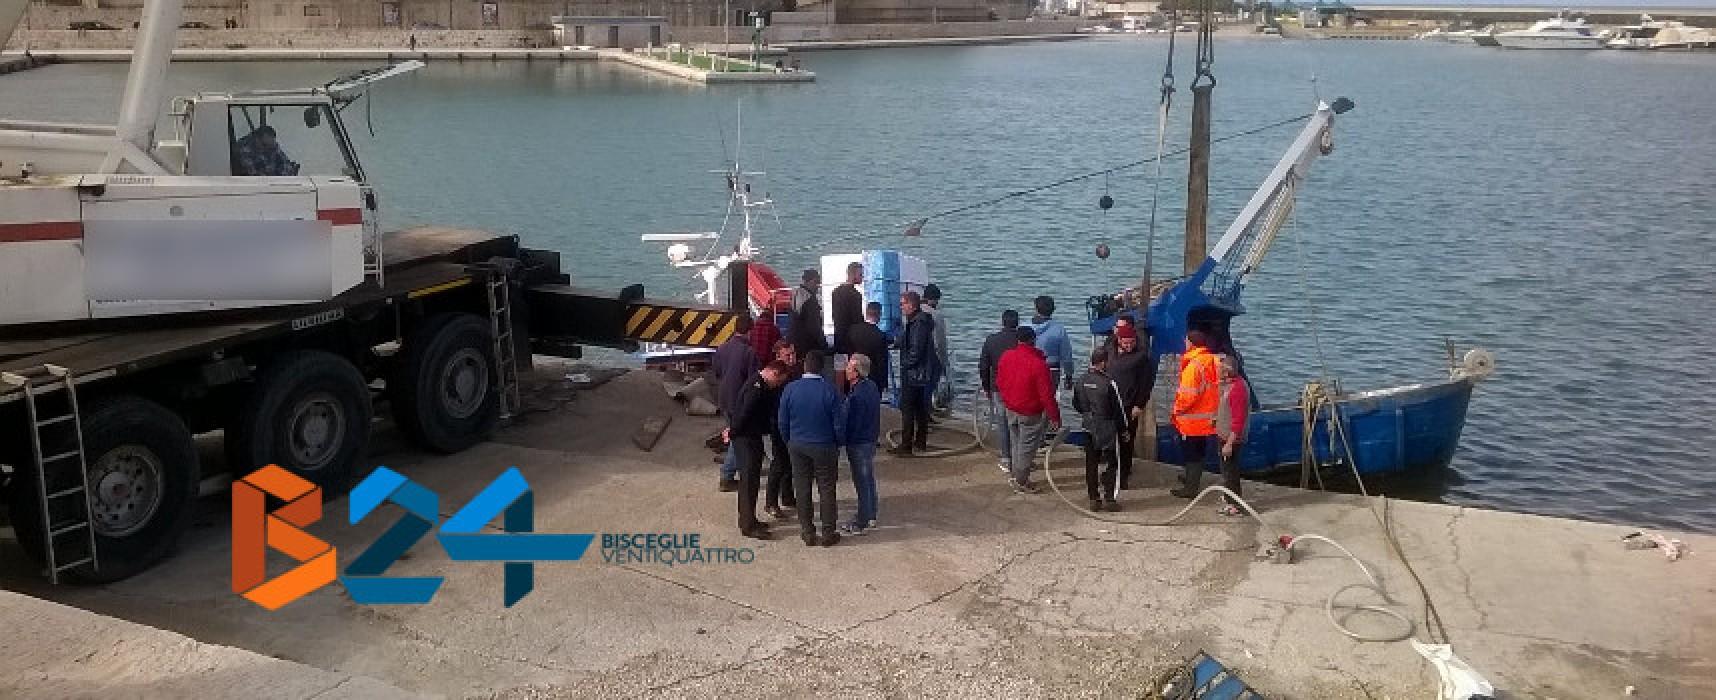 Incidente in mare, motopesca tranese rischia di affondare e approda a Bisceglie / VIDEO